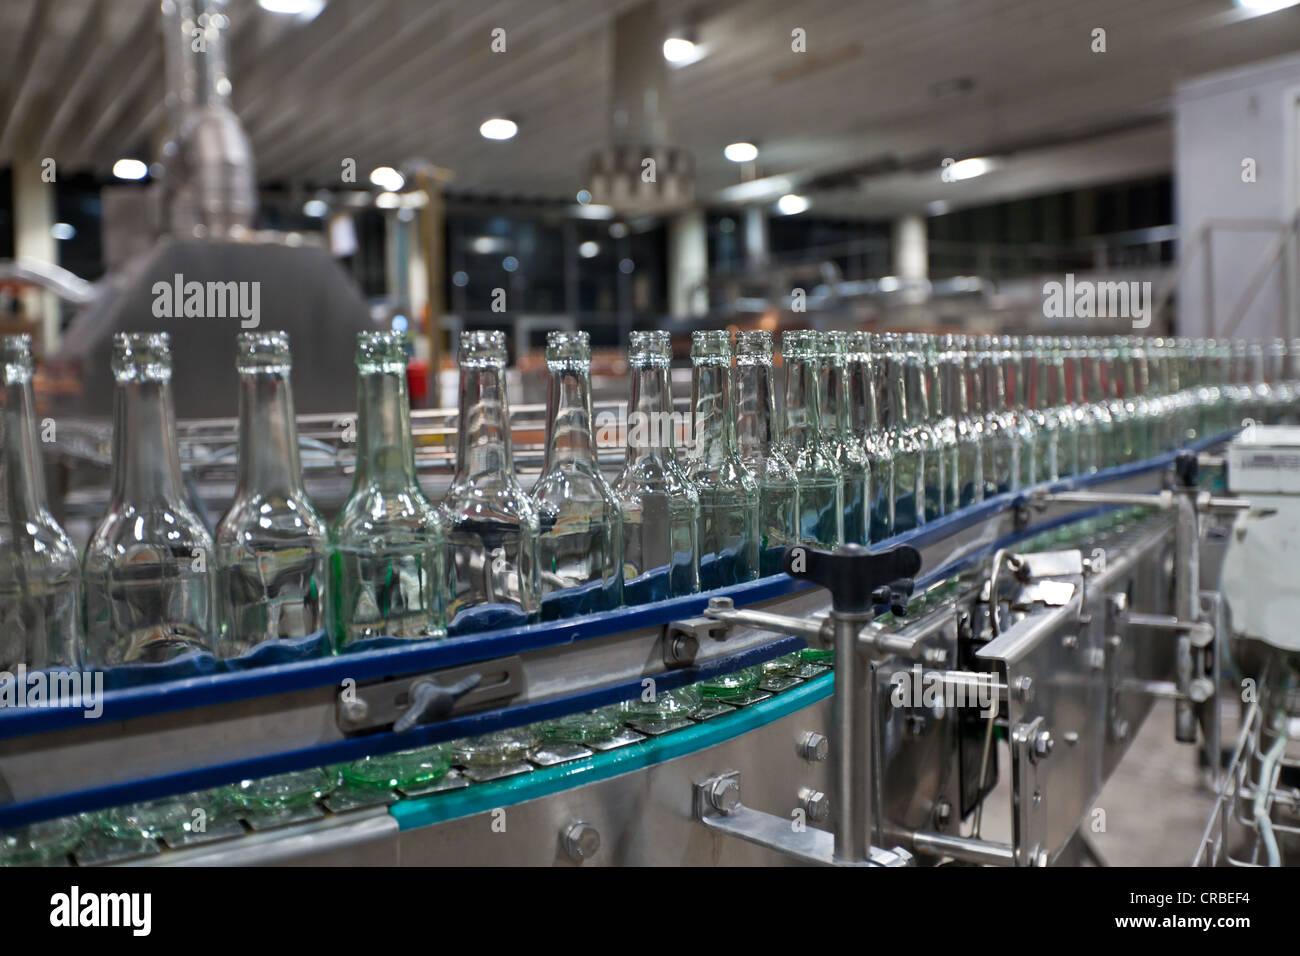 Le bottiglie da birra vuote dopo la pulizia, su di un nastro trasportatore, legame brewery, Francoforte Hesse, Germania, Immagini Stock